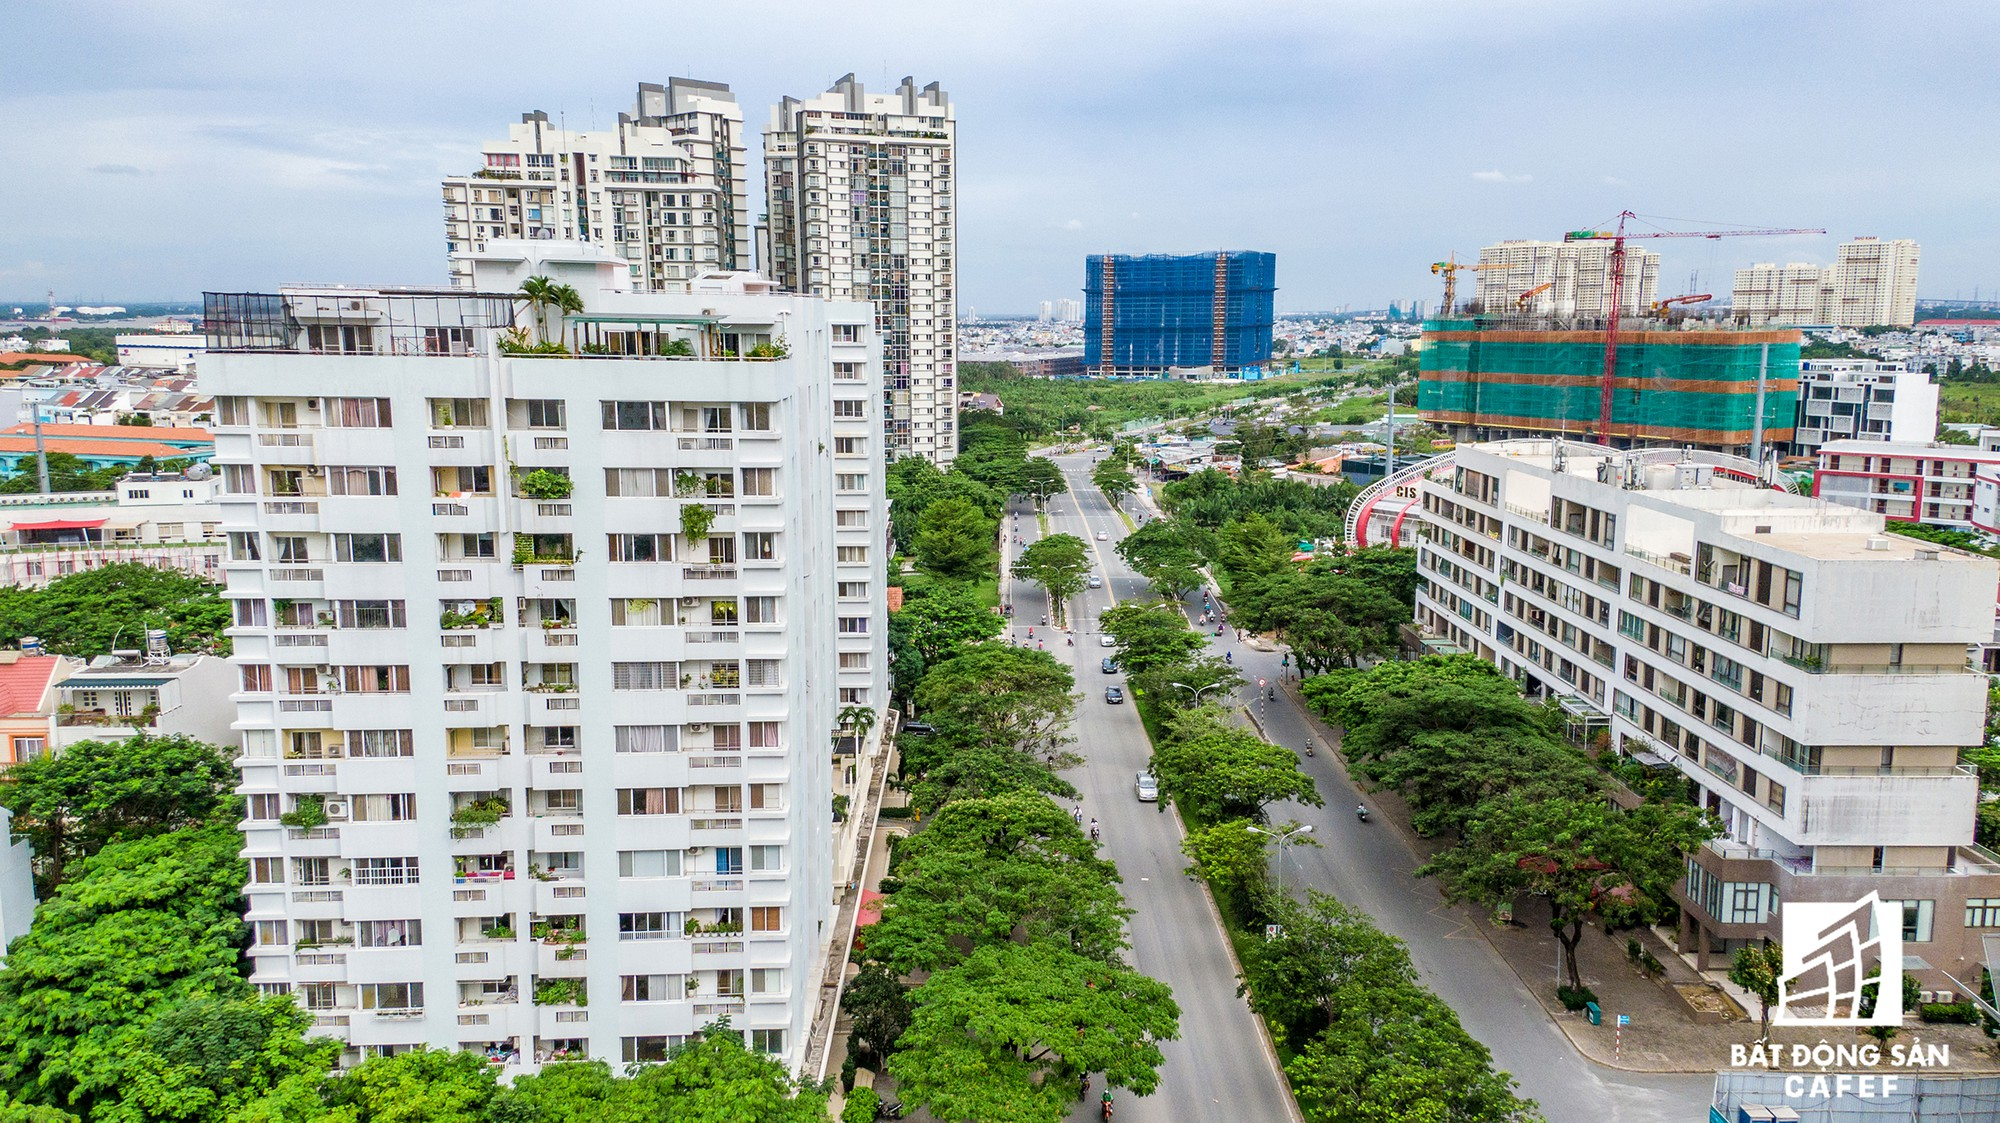 Có một trung tâm tài chính tại khu Nam Sài Gòn - Nơi giá nhà tăng chóng mặt - Ảnh 17.